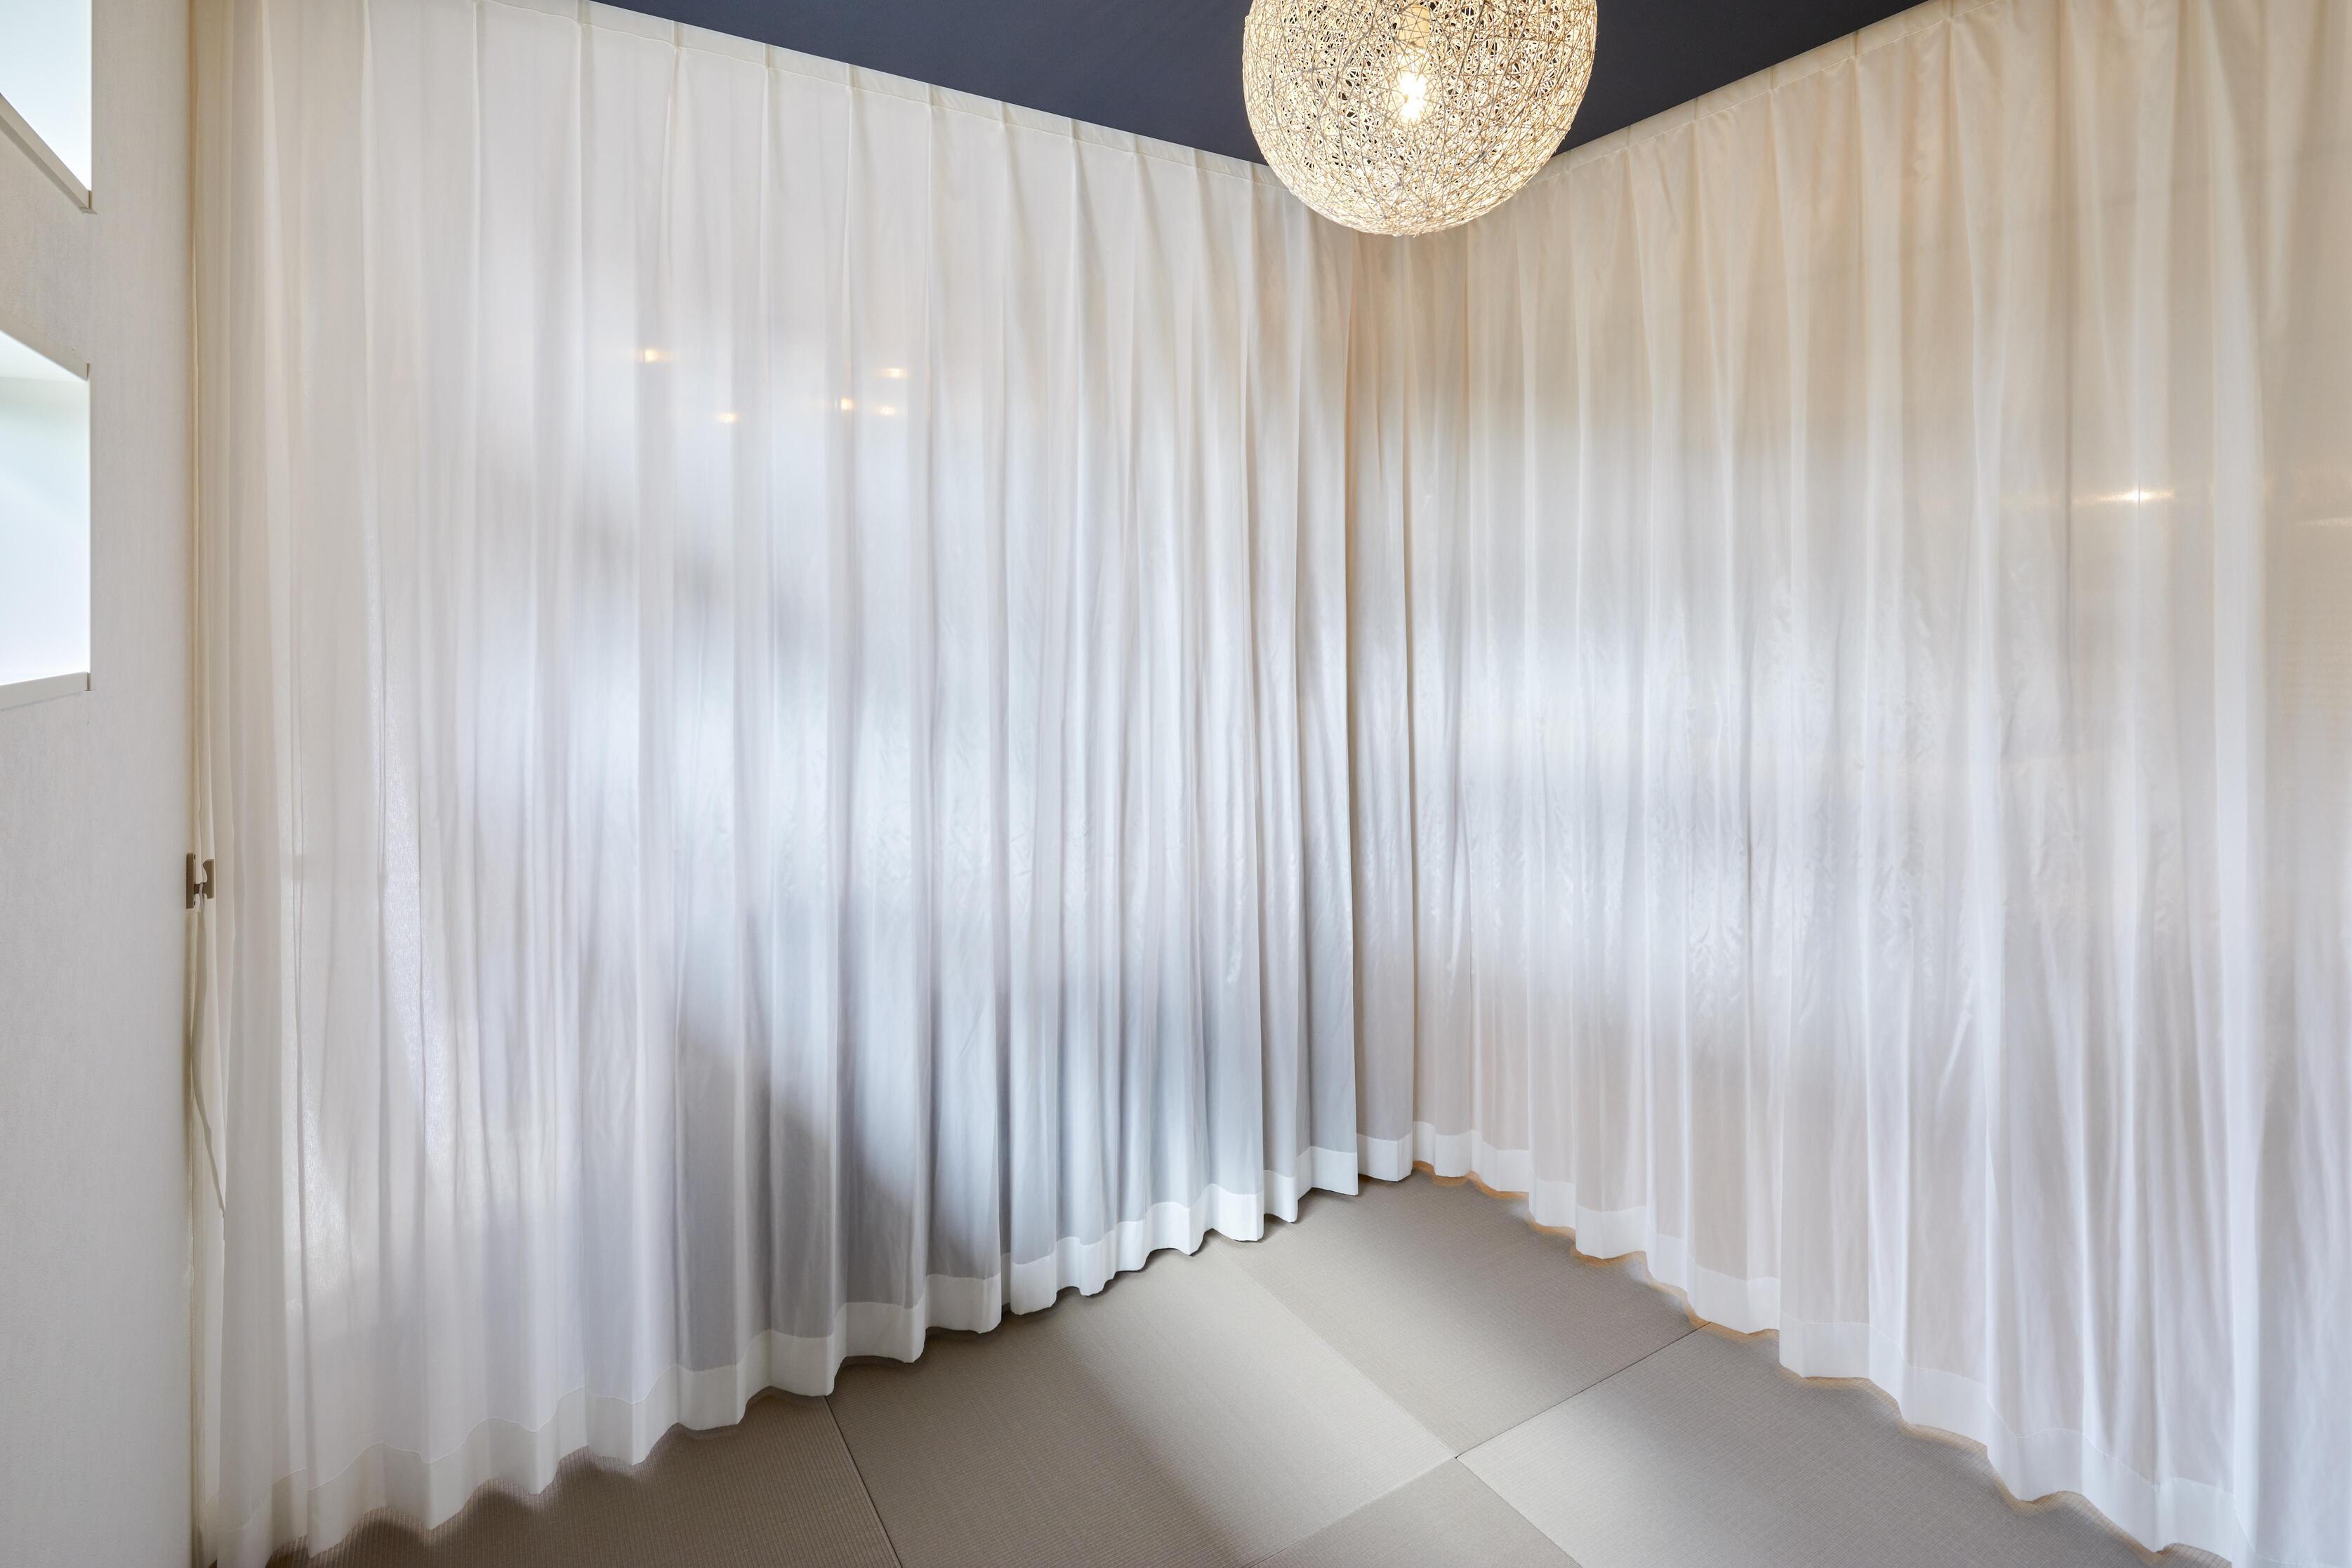 空間と分けたい時は、天井に取り付けたウェーブ論カーテンで仕切ることも可能